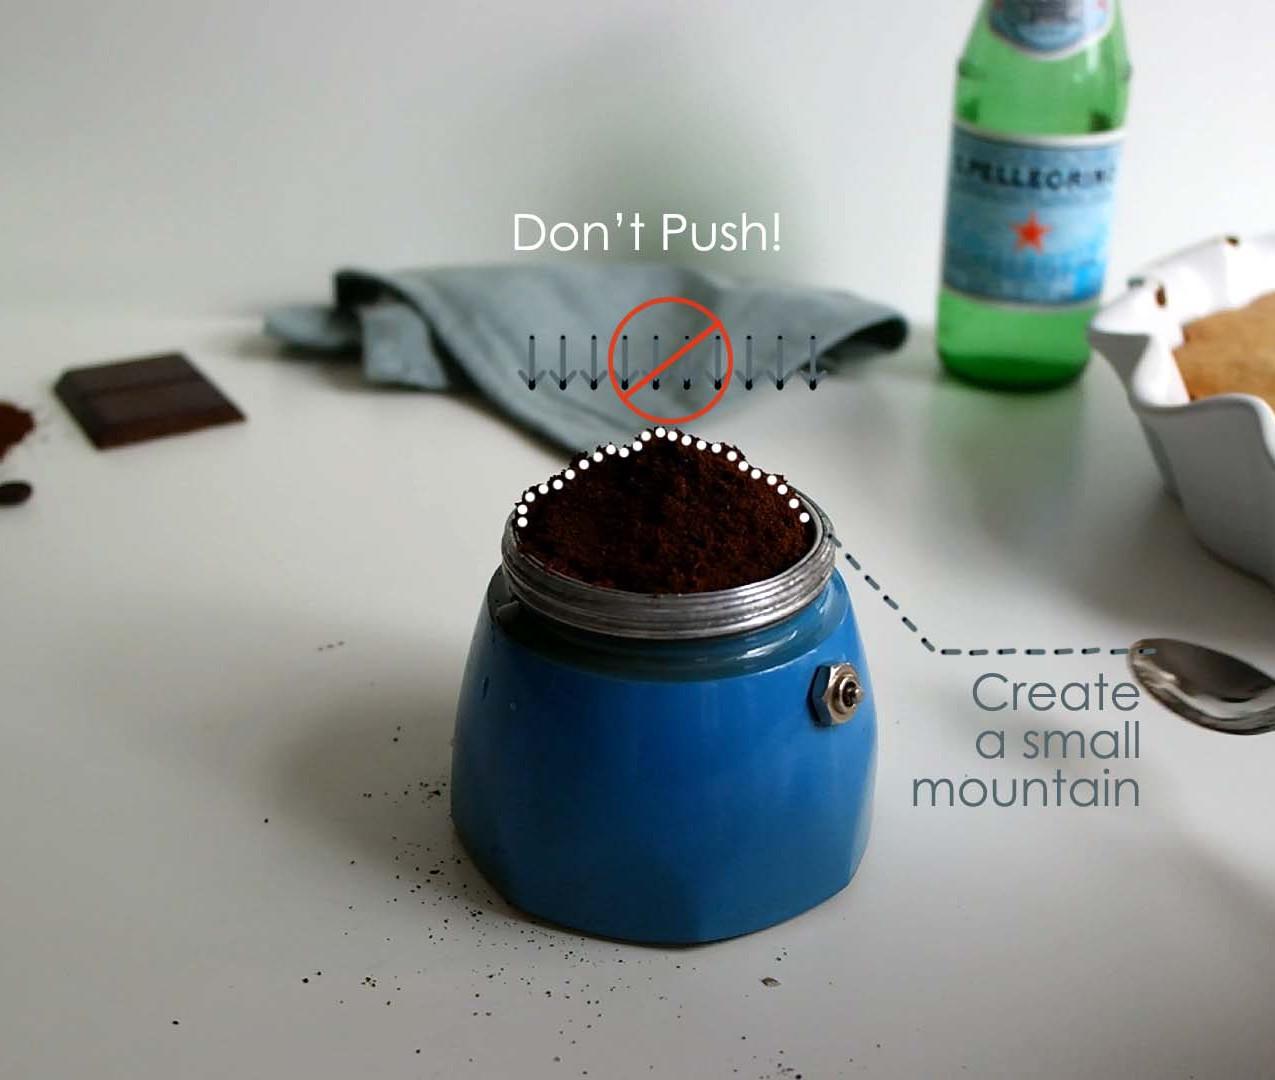 STEP 3 | ADD COFFEE